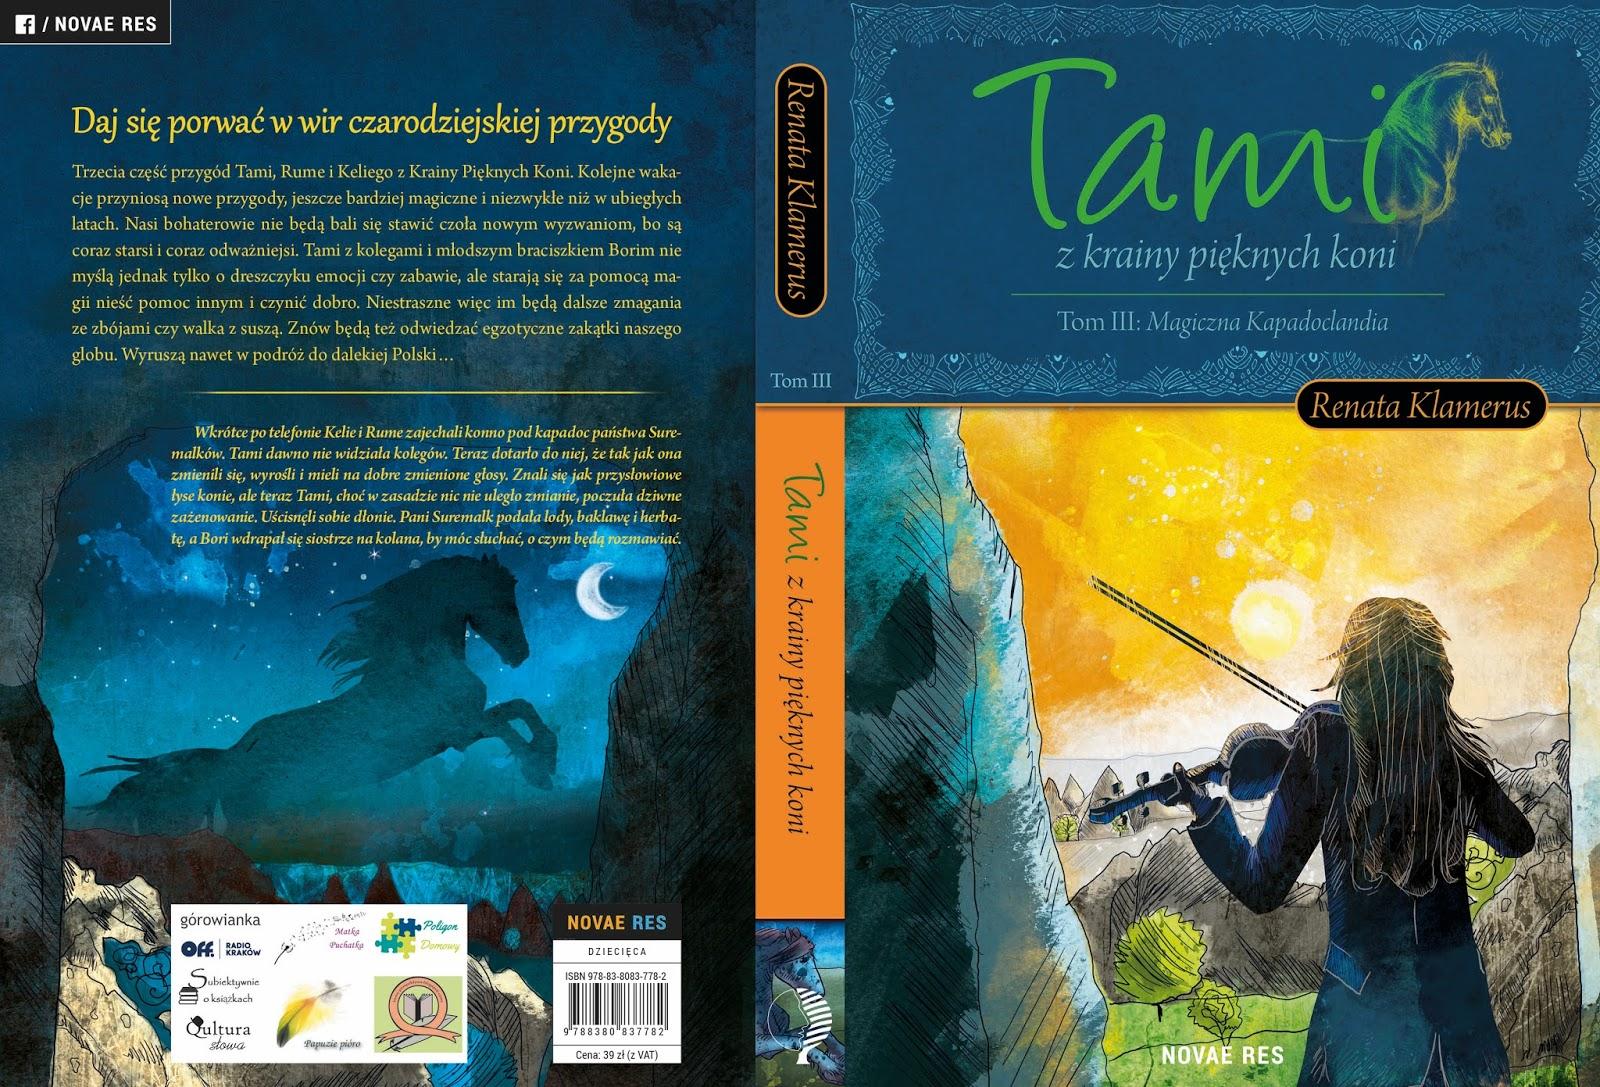 tami III okl logosy - PATRONATY